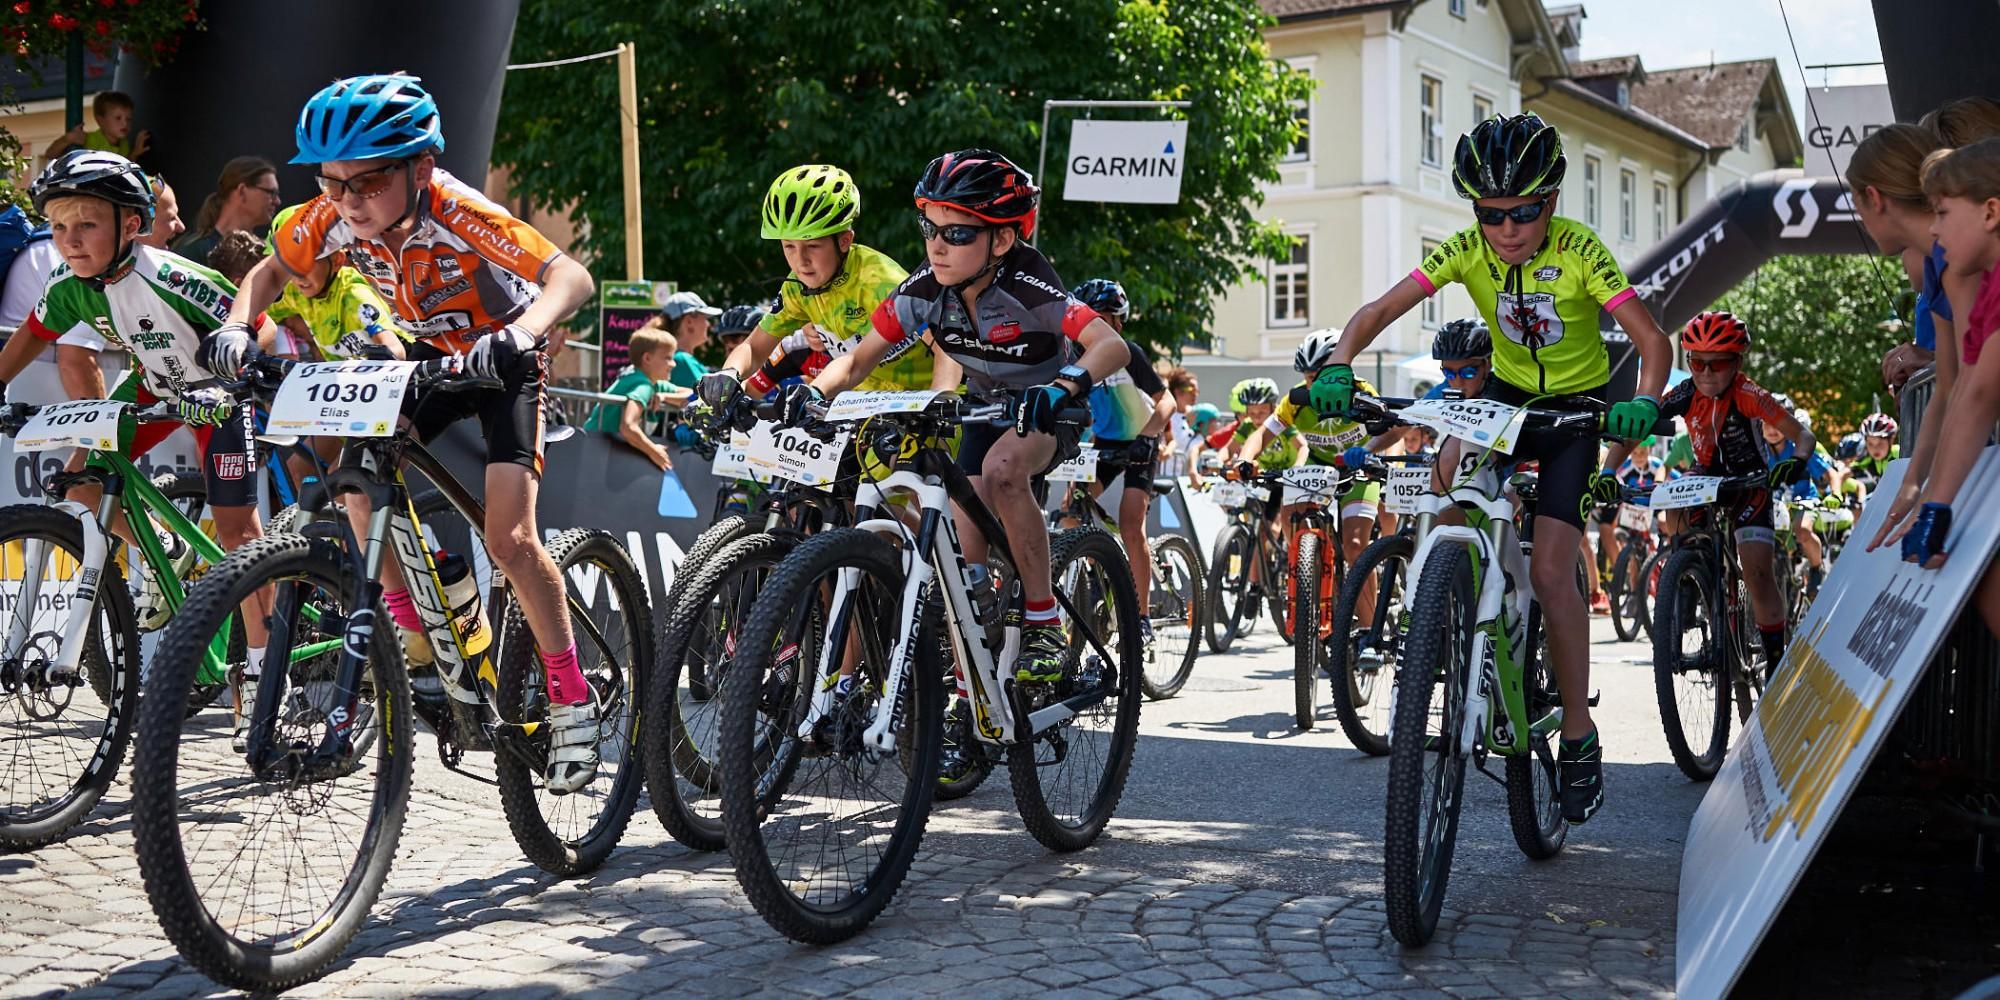 Salzkammergut Trophy Junior Trophy (Foto: Bihounek)